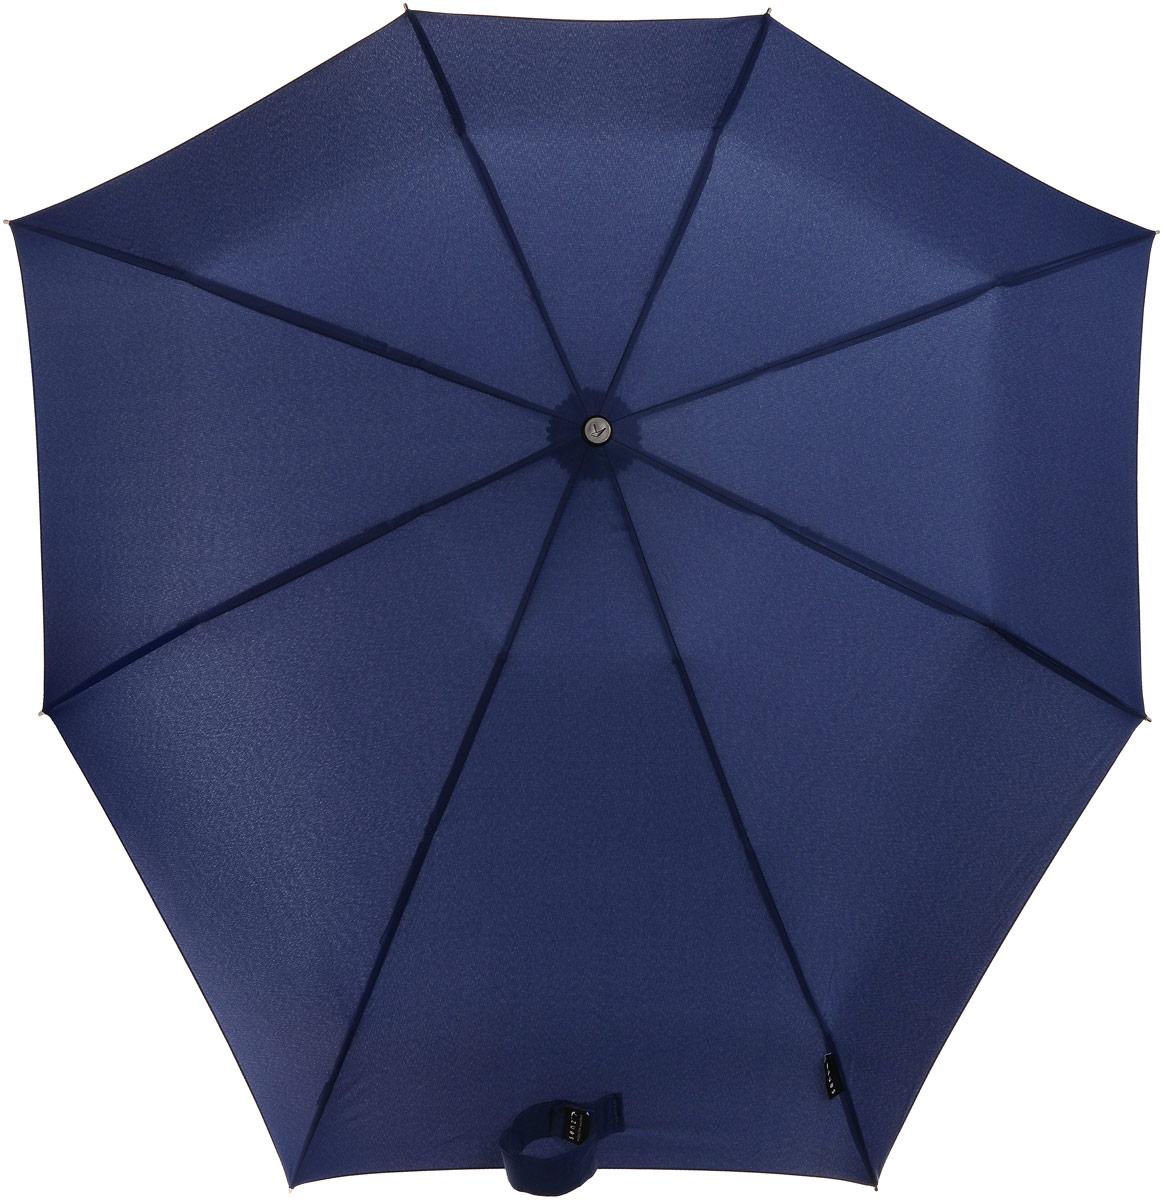 Зонт Senz Smart S, механика, 3 сложения, цвет: темно-синий. 11110211111021Инновационный противоштормовой зонт Senz Smart S не даст вам промокнуть. Купол зонта выполнен из качественного полиэстера. Прочный каркас выполнен из стали. Форма купола продумана так, что вы легко найдете самое удобное положение на ветру. Закрывает спину от дождя. Благодаря своей усовершенствованной конструкции, зонт не выворачивается наизнанку даже при сильном ветре. Выдерживает порывы ветра до 60 км/ч. Эргономичная ручка оснащена текстильной петлей, благодаря которой зонт можно носить на запястье. Зонт имеет механический тип сложения: открывается и закрывается вручную. В сложенном виде зонт фиксируется с помощью широкого хлястика с липучкой. К зонту прилагается чехол, который оснащен съемной ручкой на кнопках.